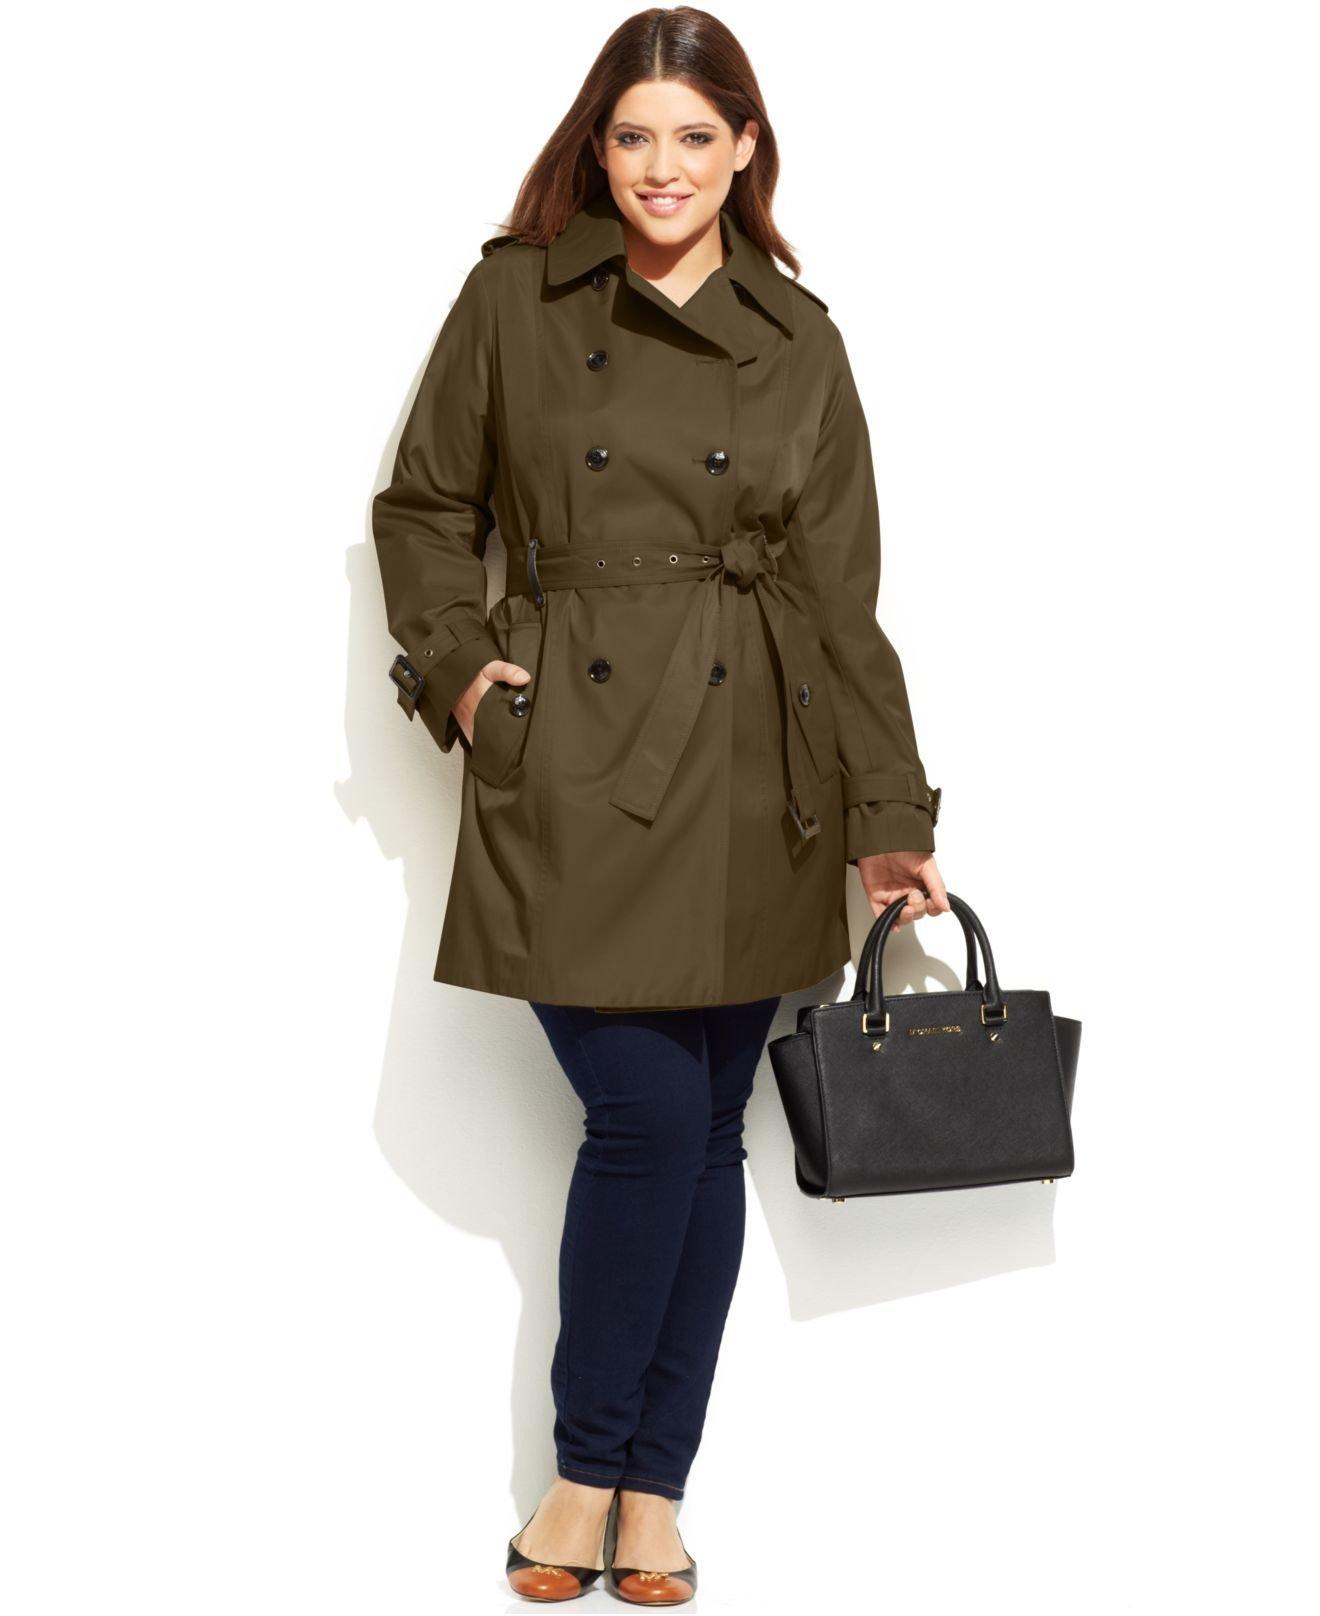 Lyst - Michael Kors Michael Plus Size Faux-Leather-Trim Trench Coat ...